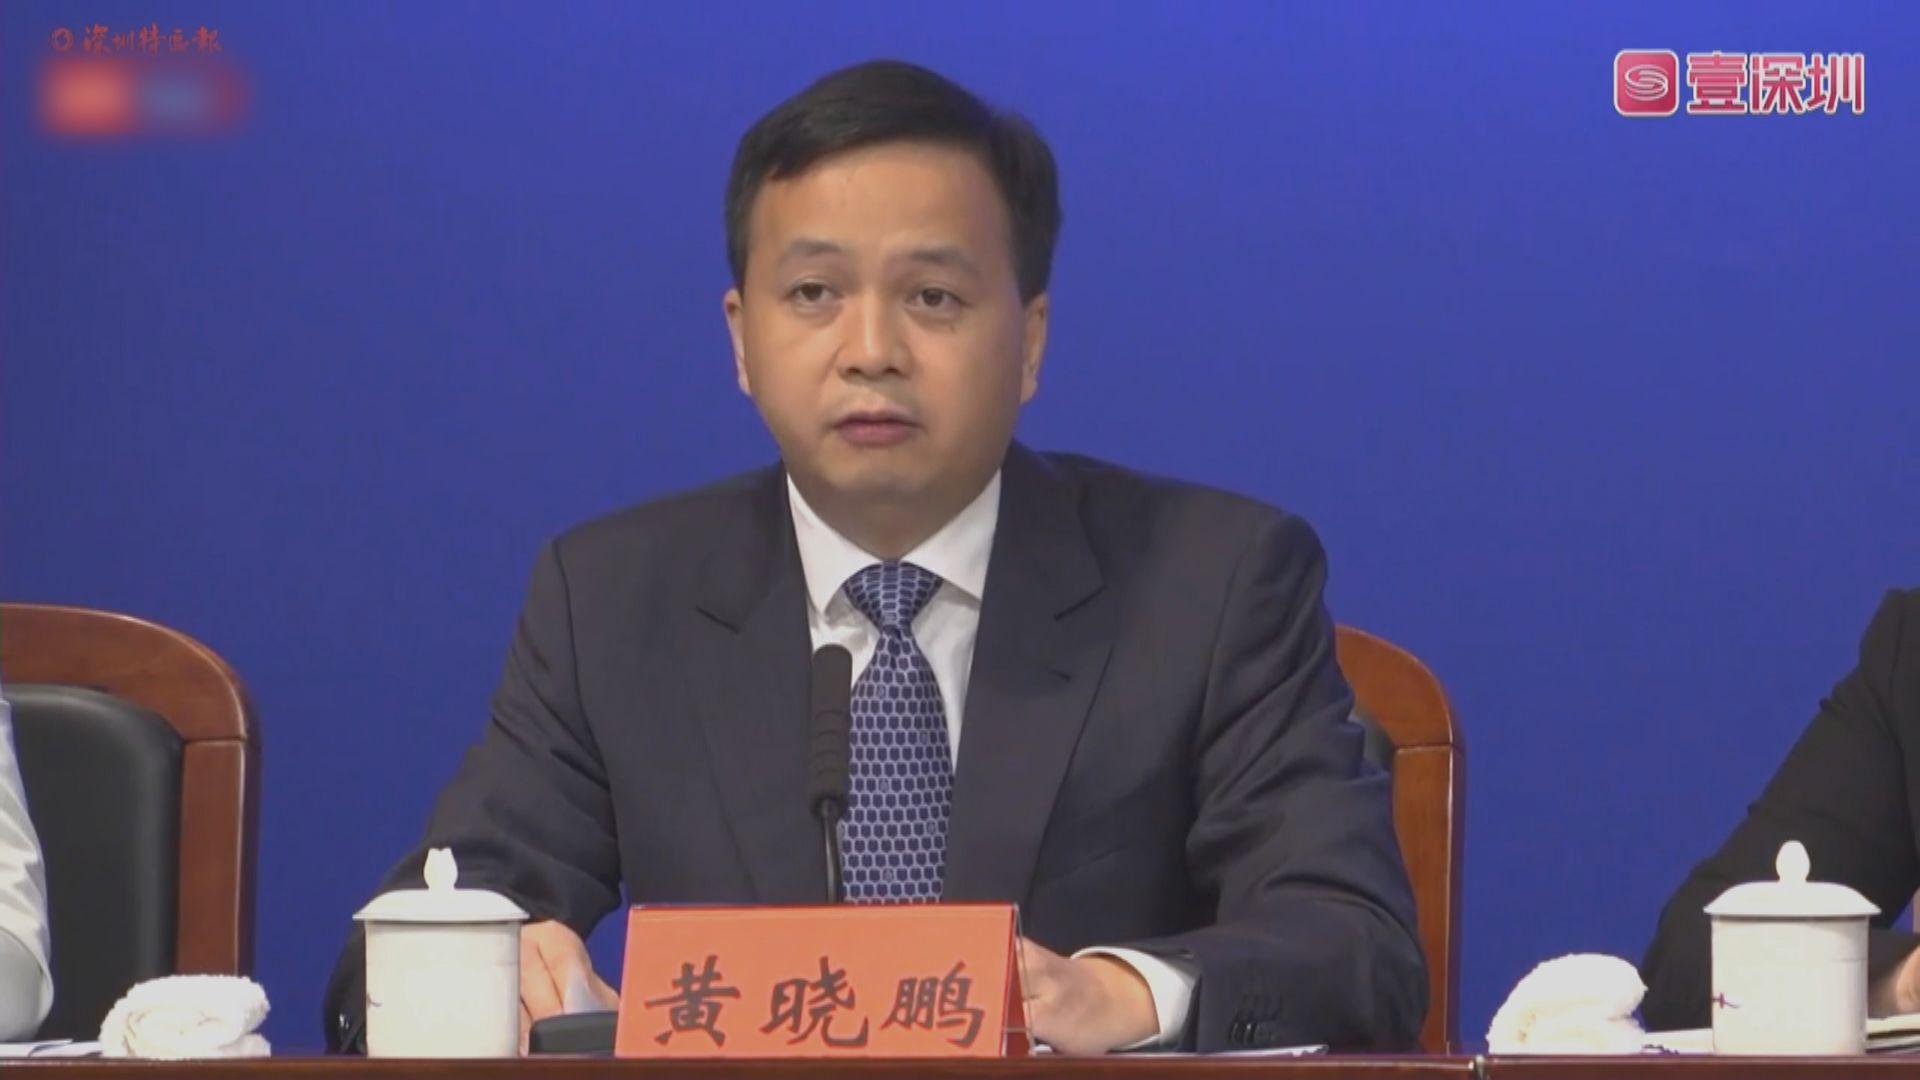 深圳市:推出更多便利港澳居民到前海工作生活新舉措